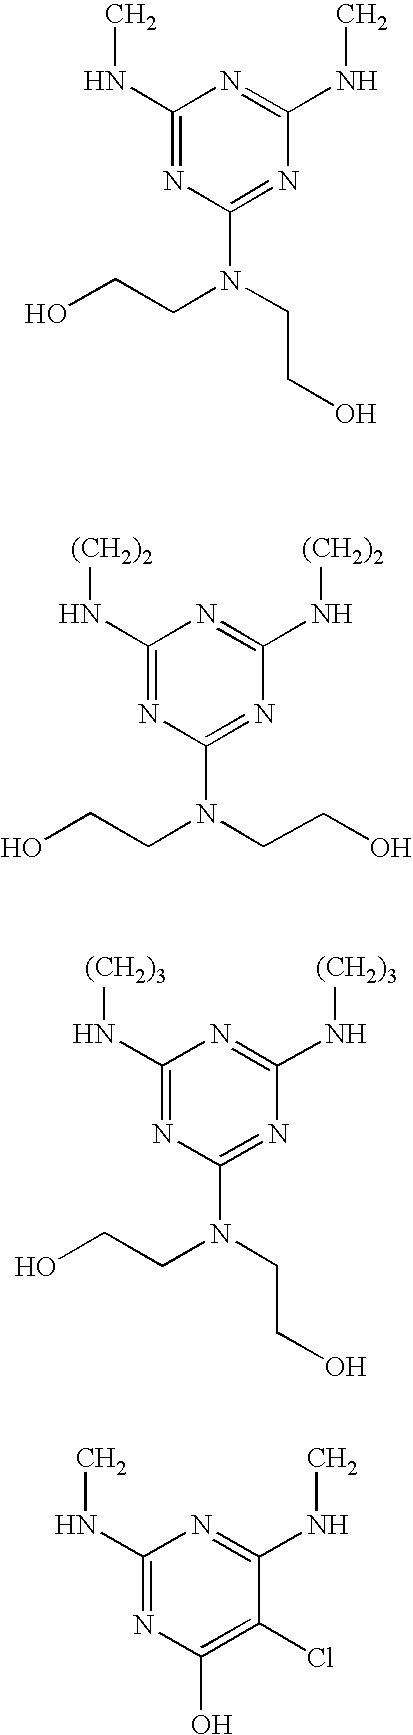 Figure US07192454-20070320-C00005